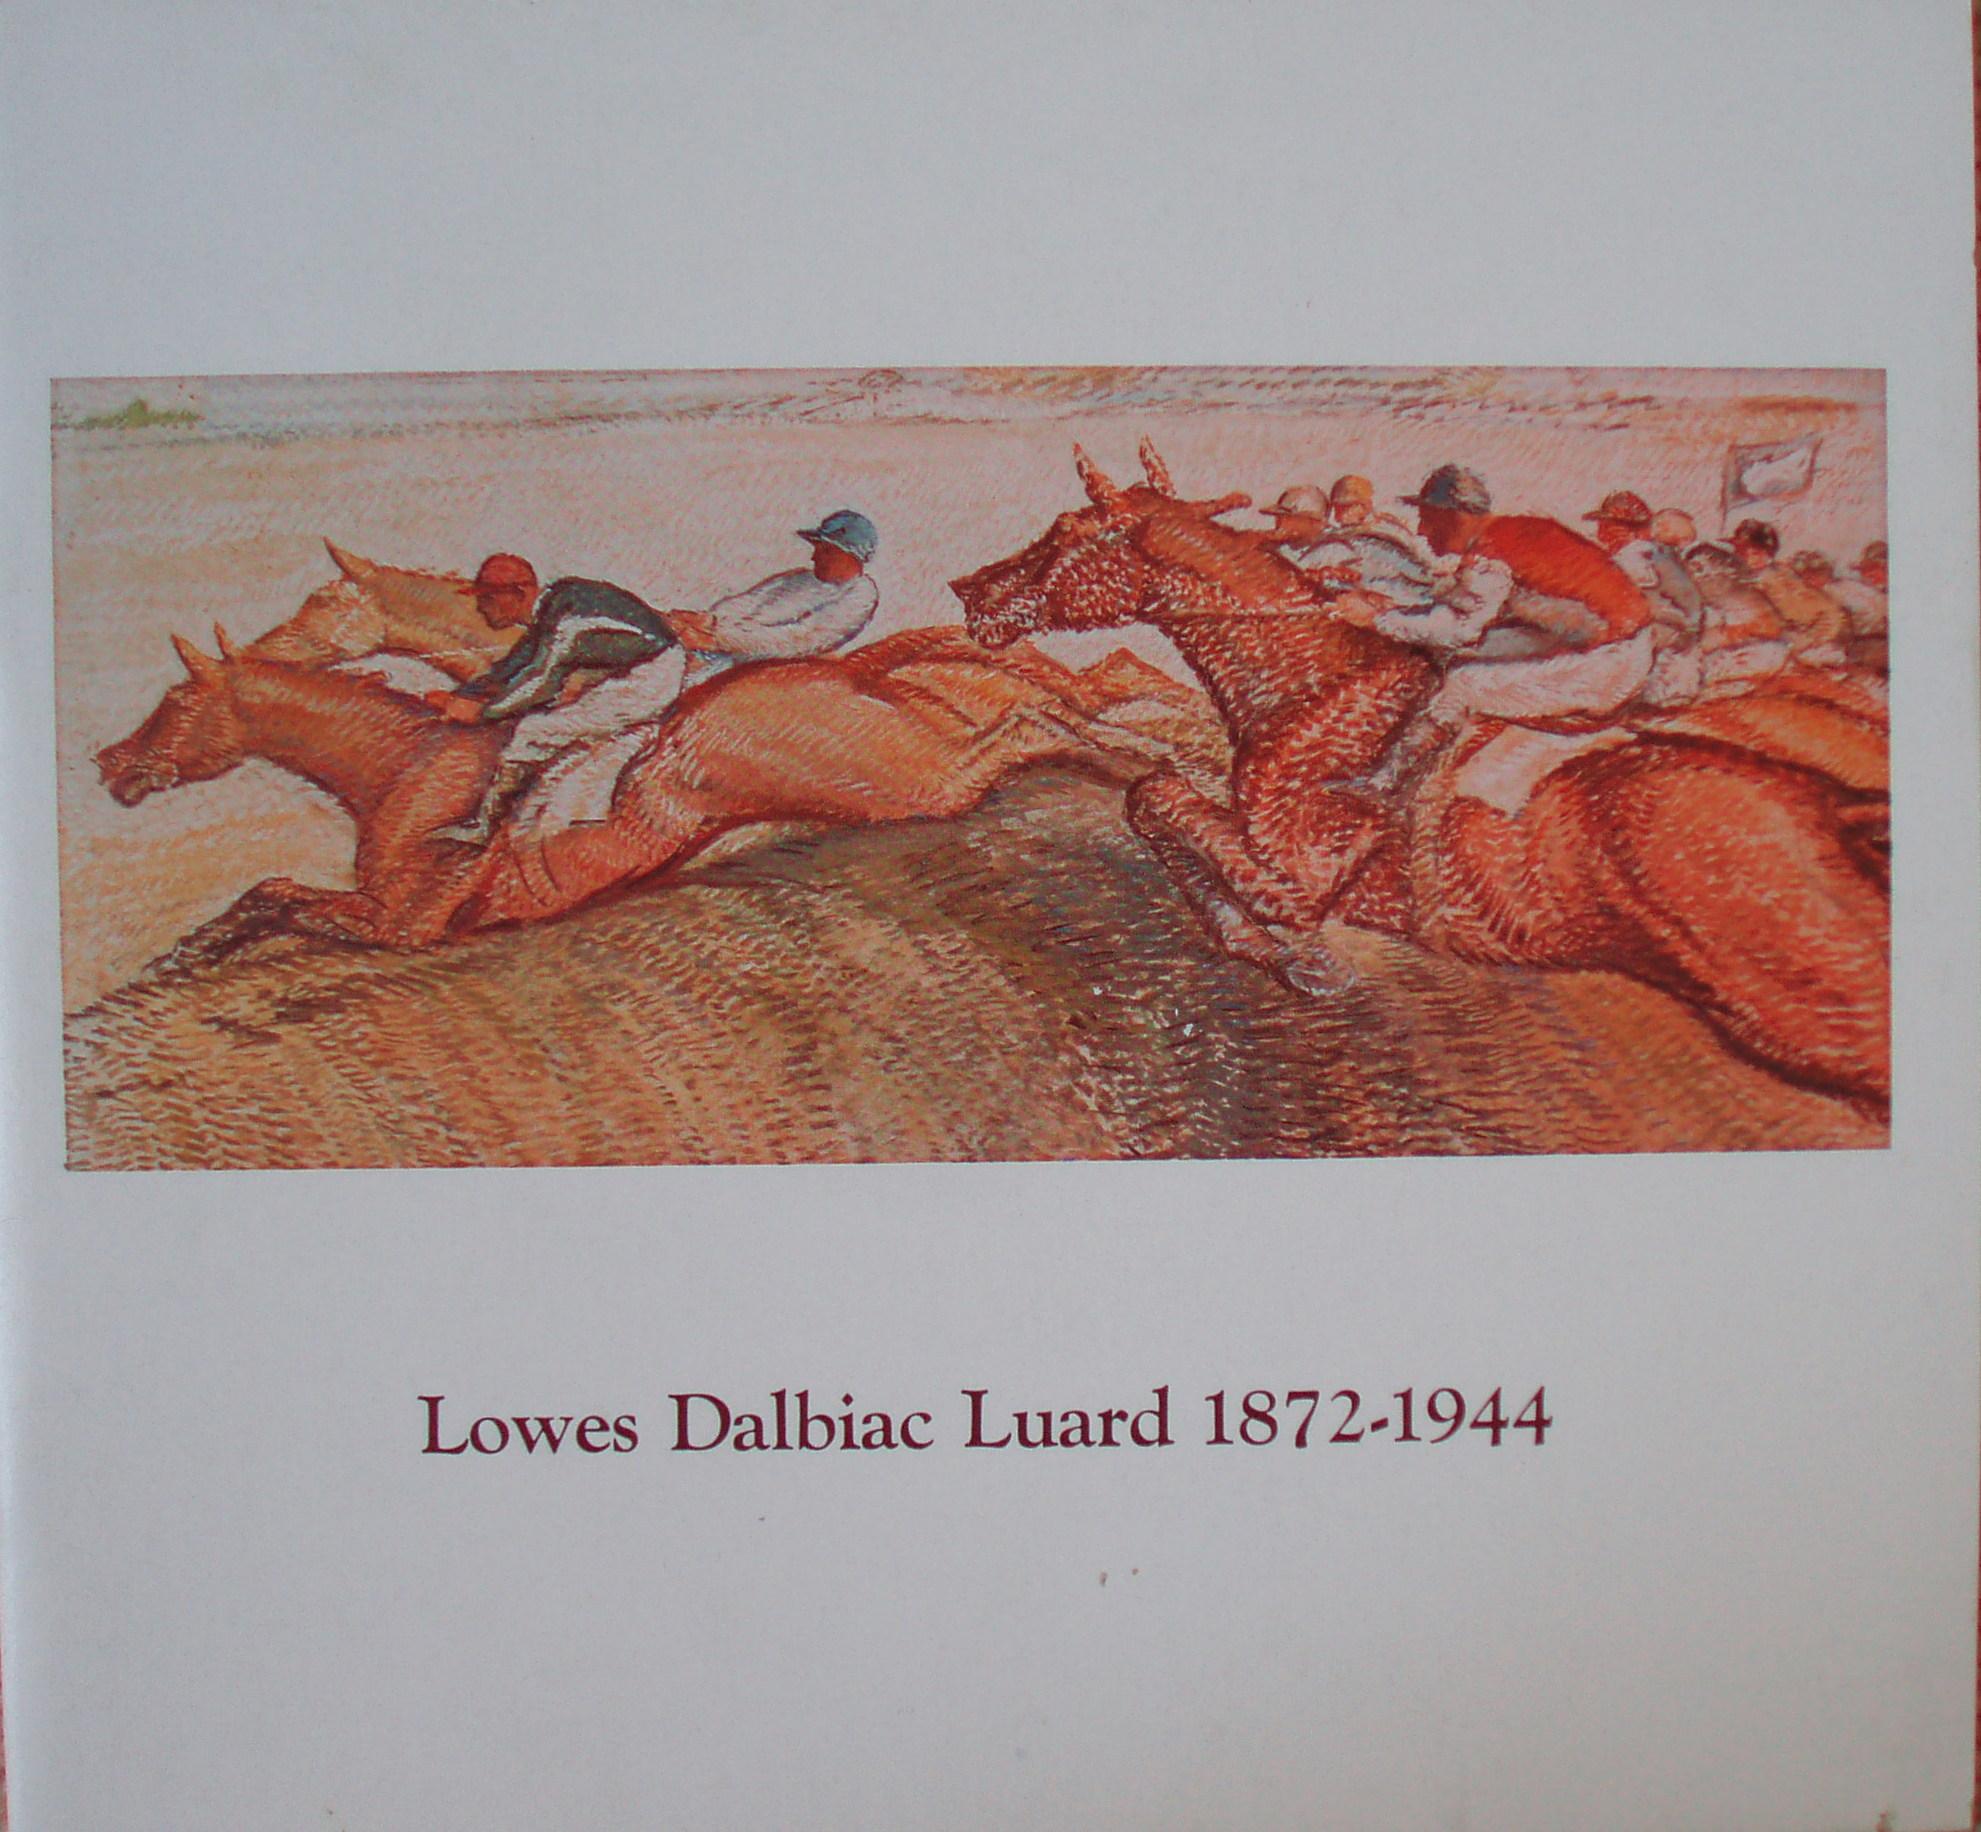 Lowes Dalbiec Luard 1872-1944